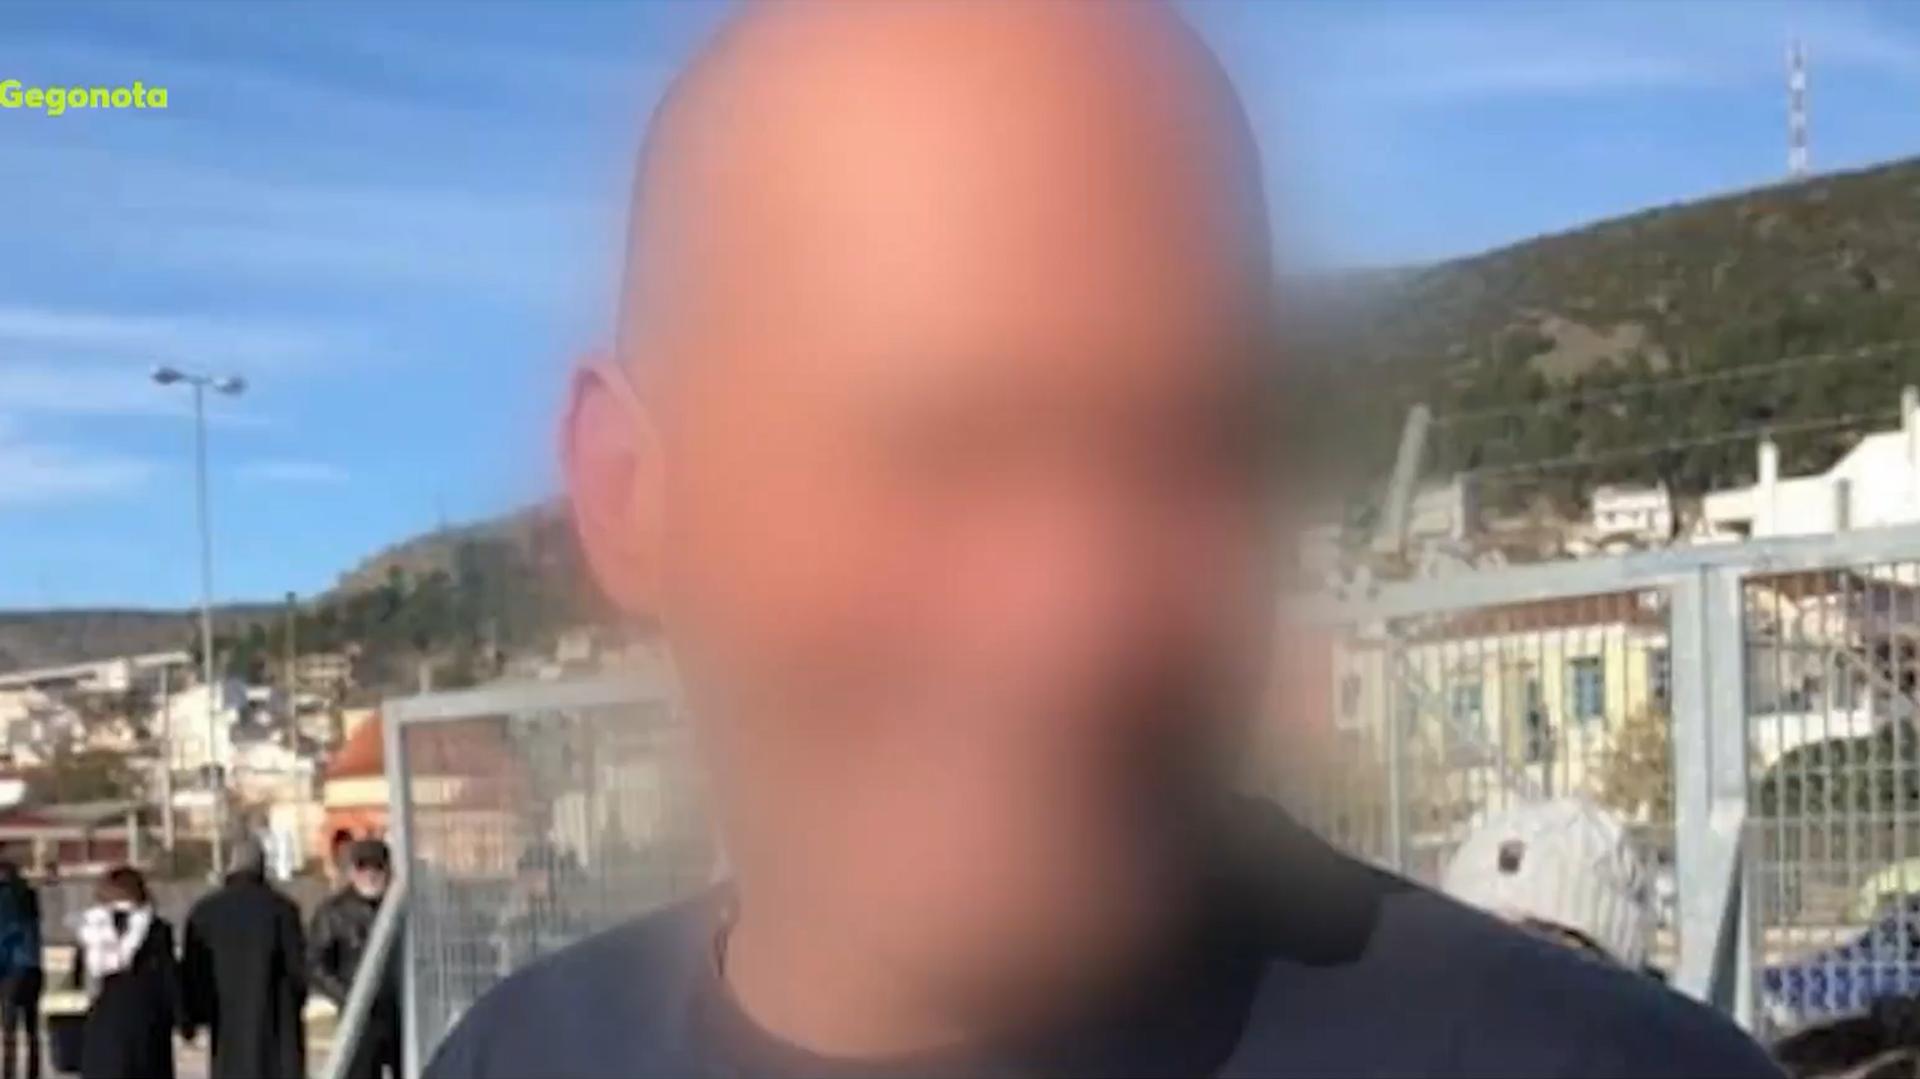 Ο 47χρονος άνδρας από το Λιμενικό που κατηγορείται για διακίνηση ναρκωτικών - Sputnik Ελλάδα, 1920, 03.10.2021